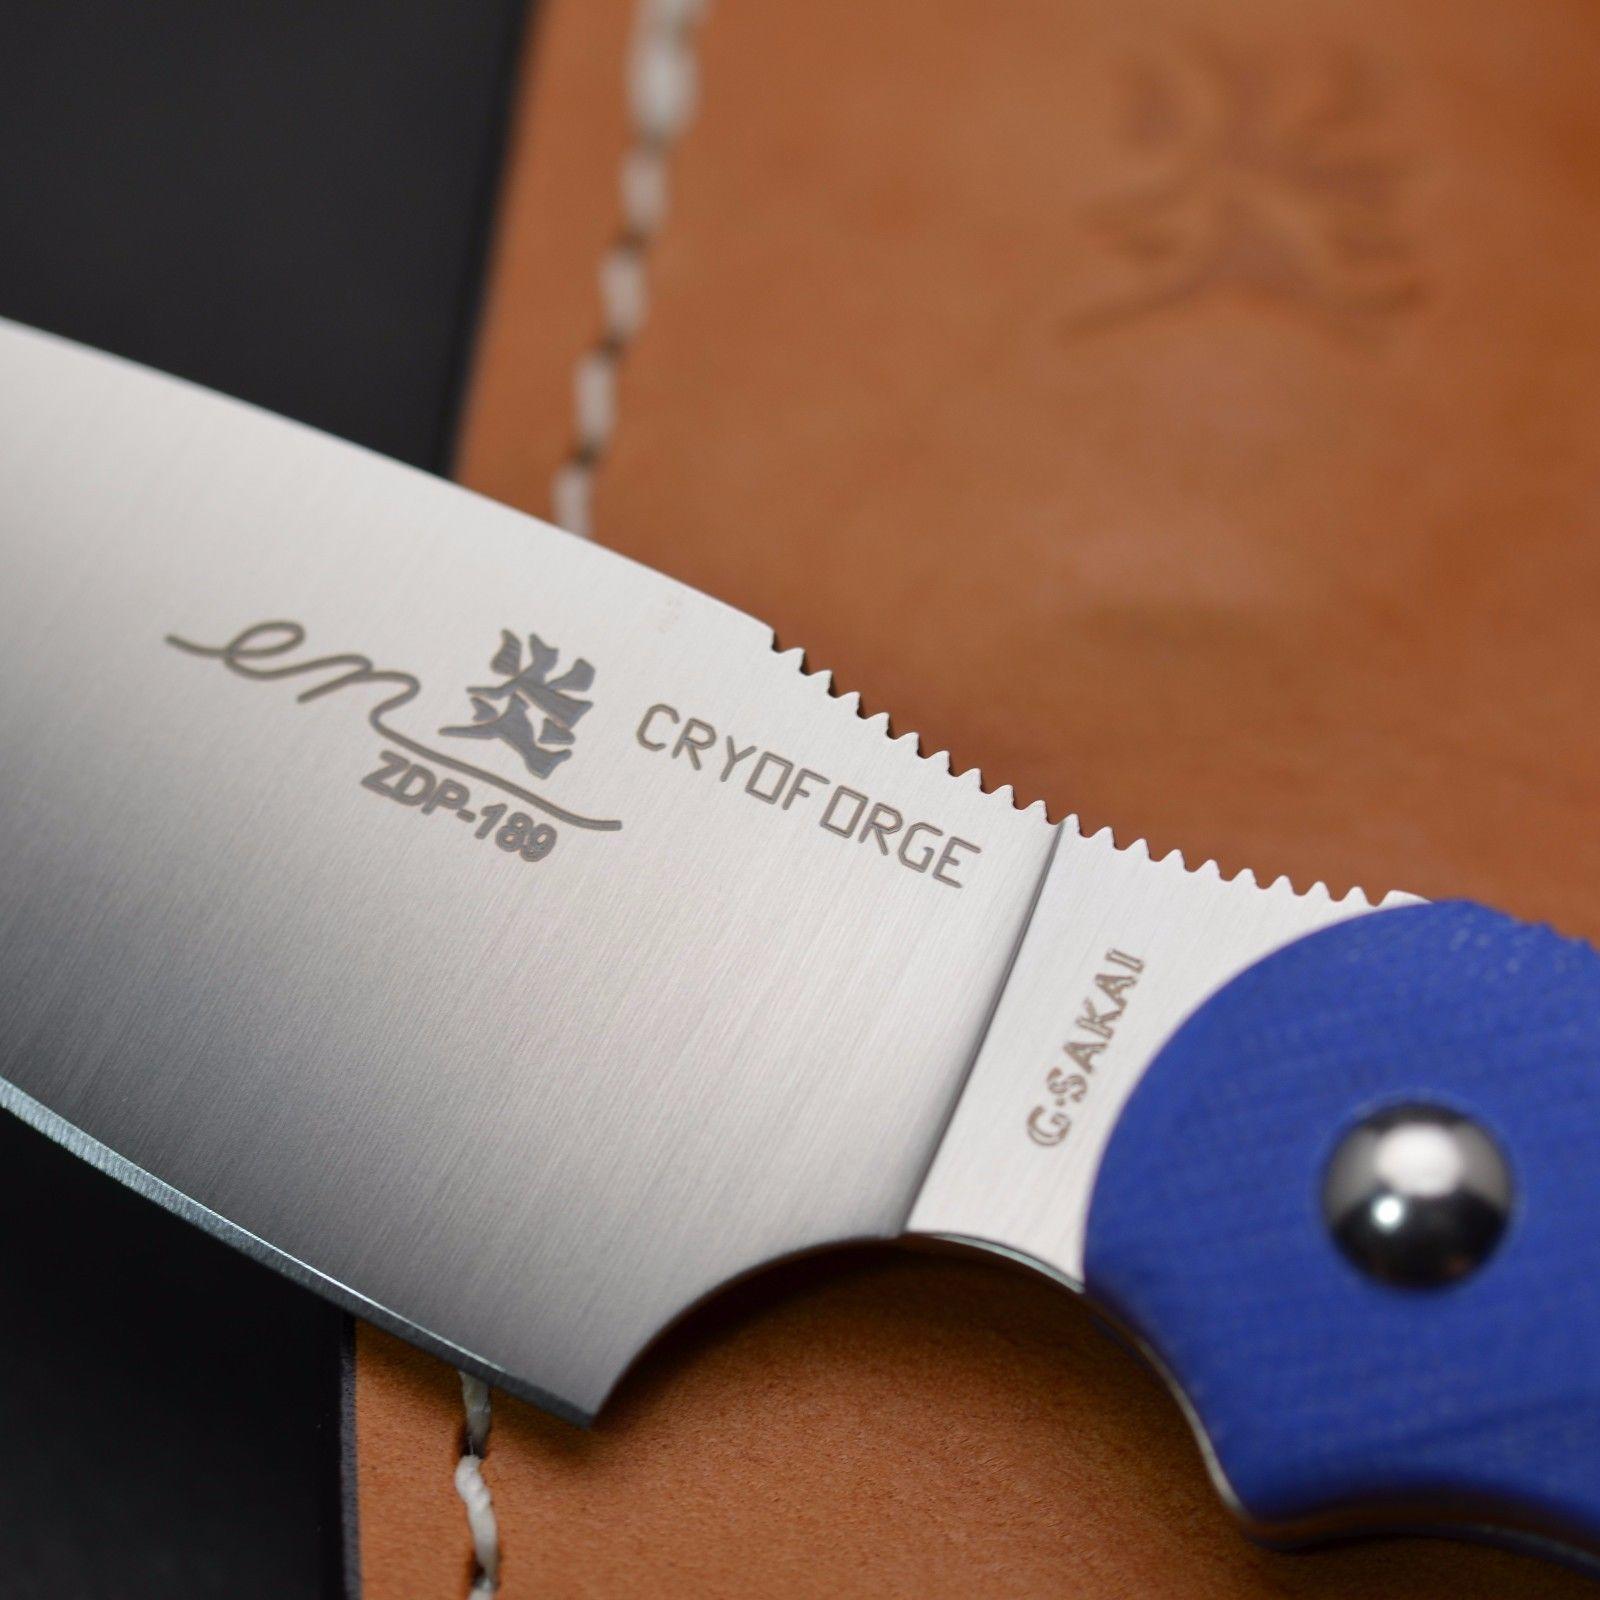 Фото 3 - Туристический нож G.Sakai, Camper En Fixed, ZDP-189, Blue G-10